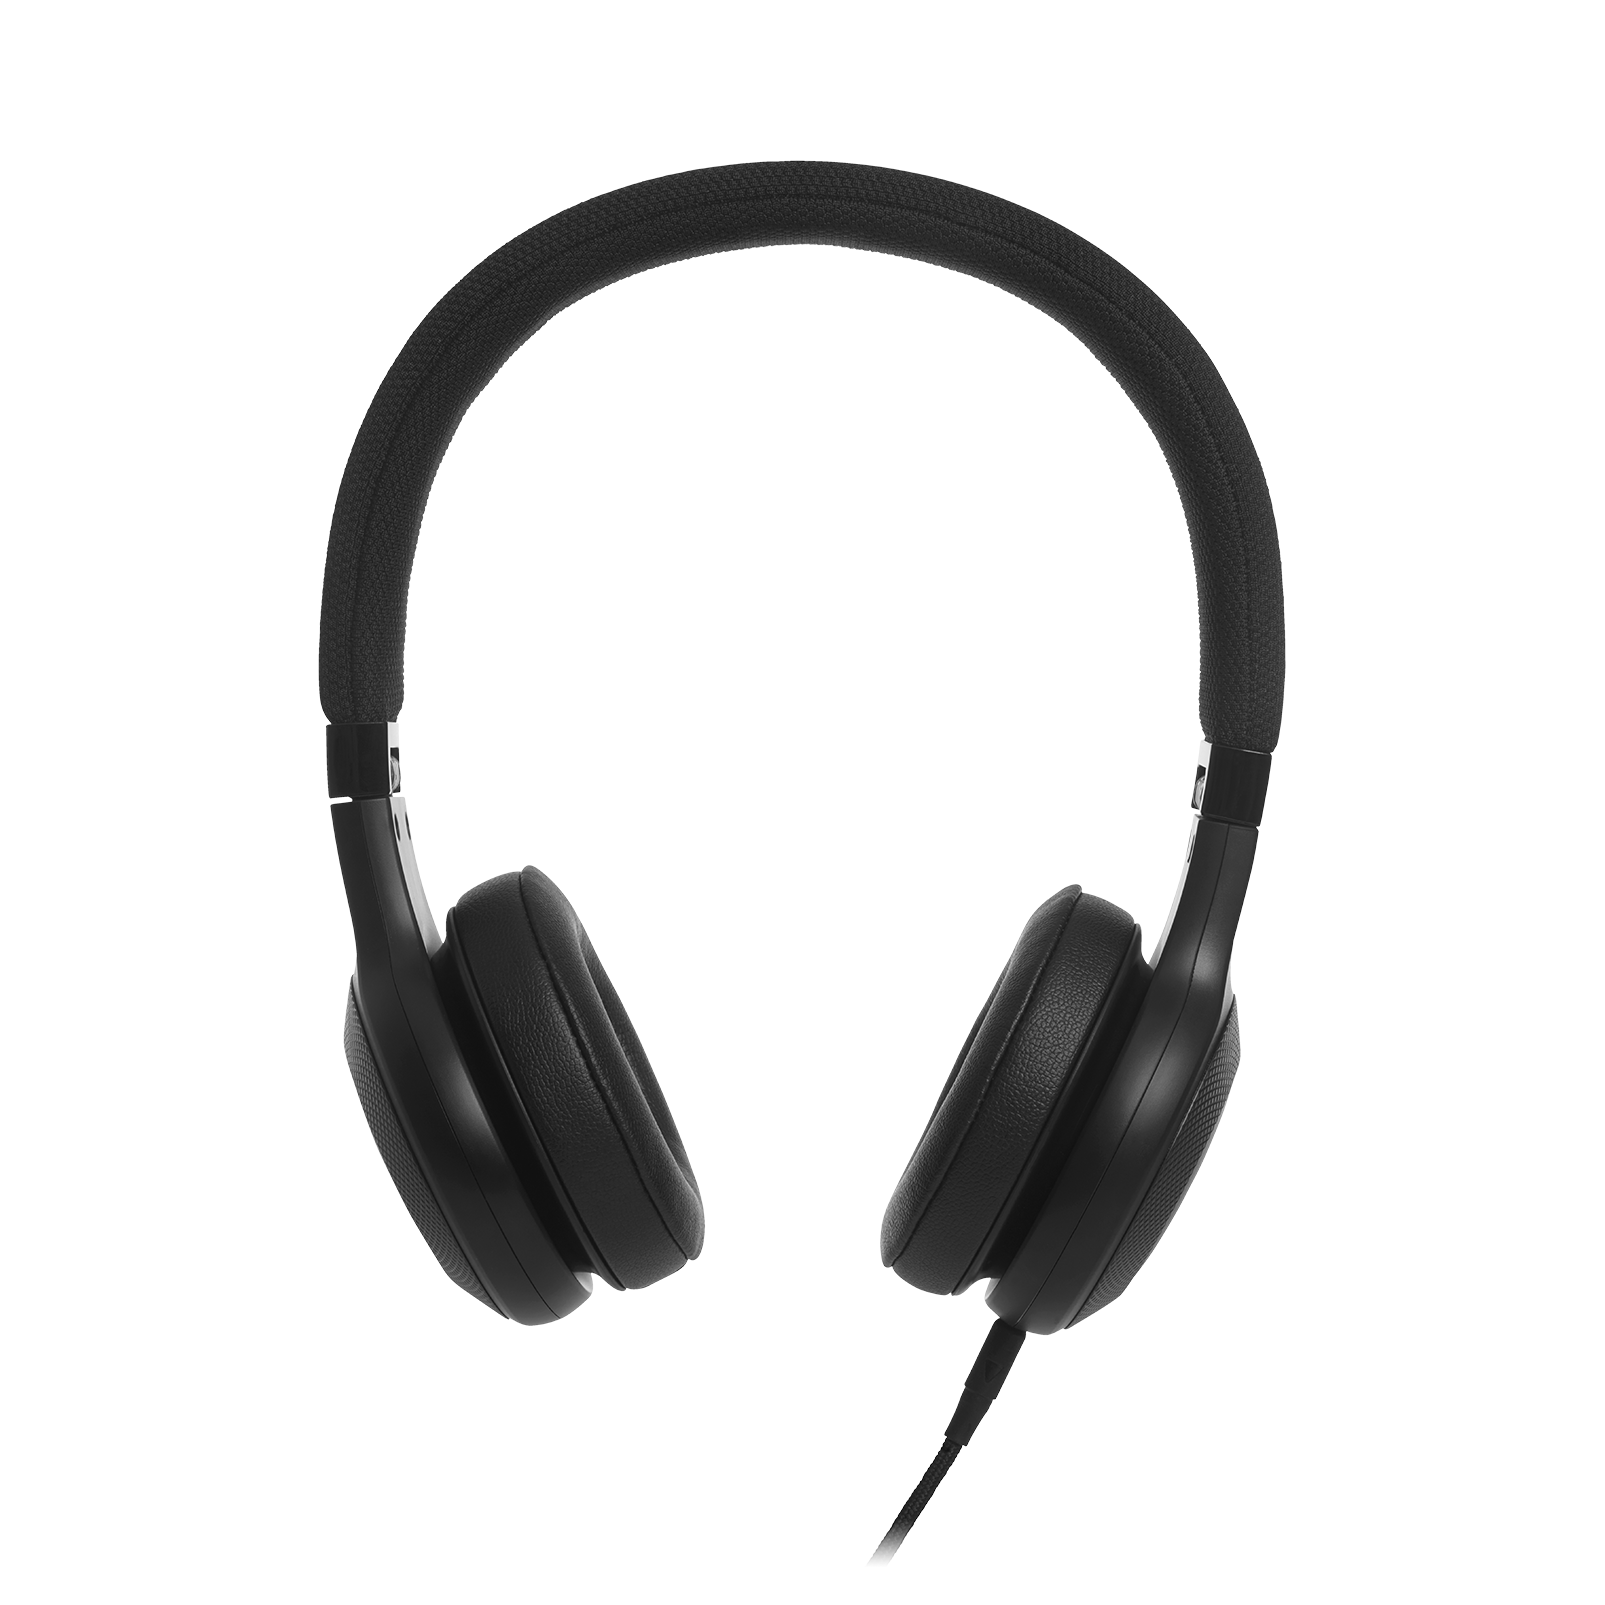 E35 - Black - On-ear headphones - Detailshot 2